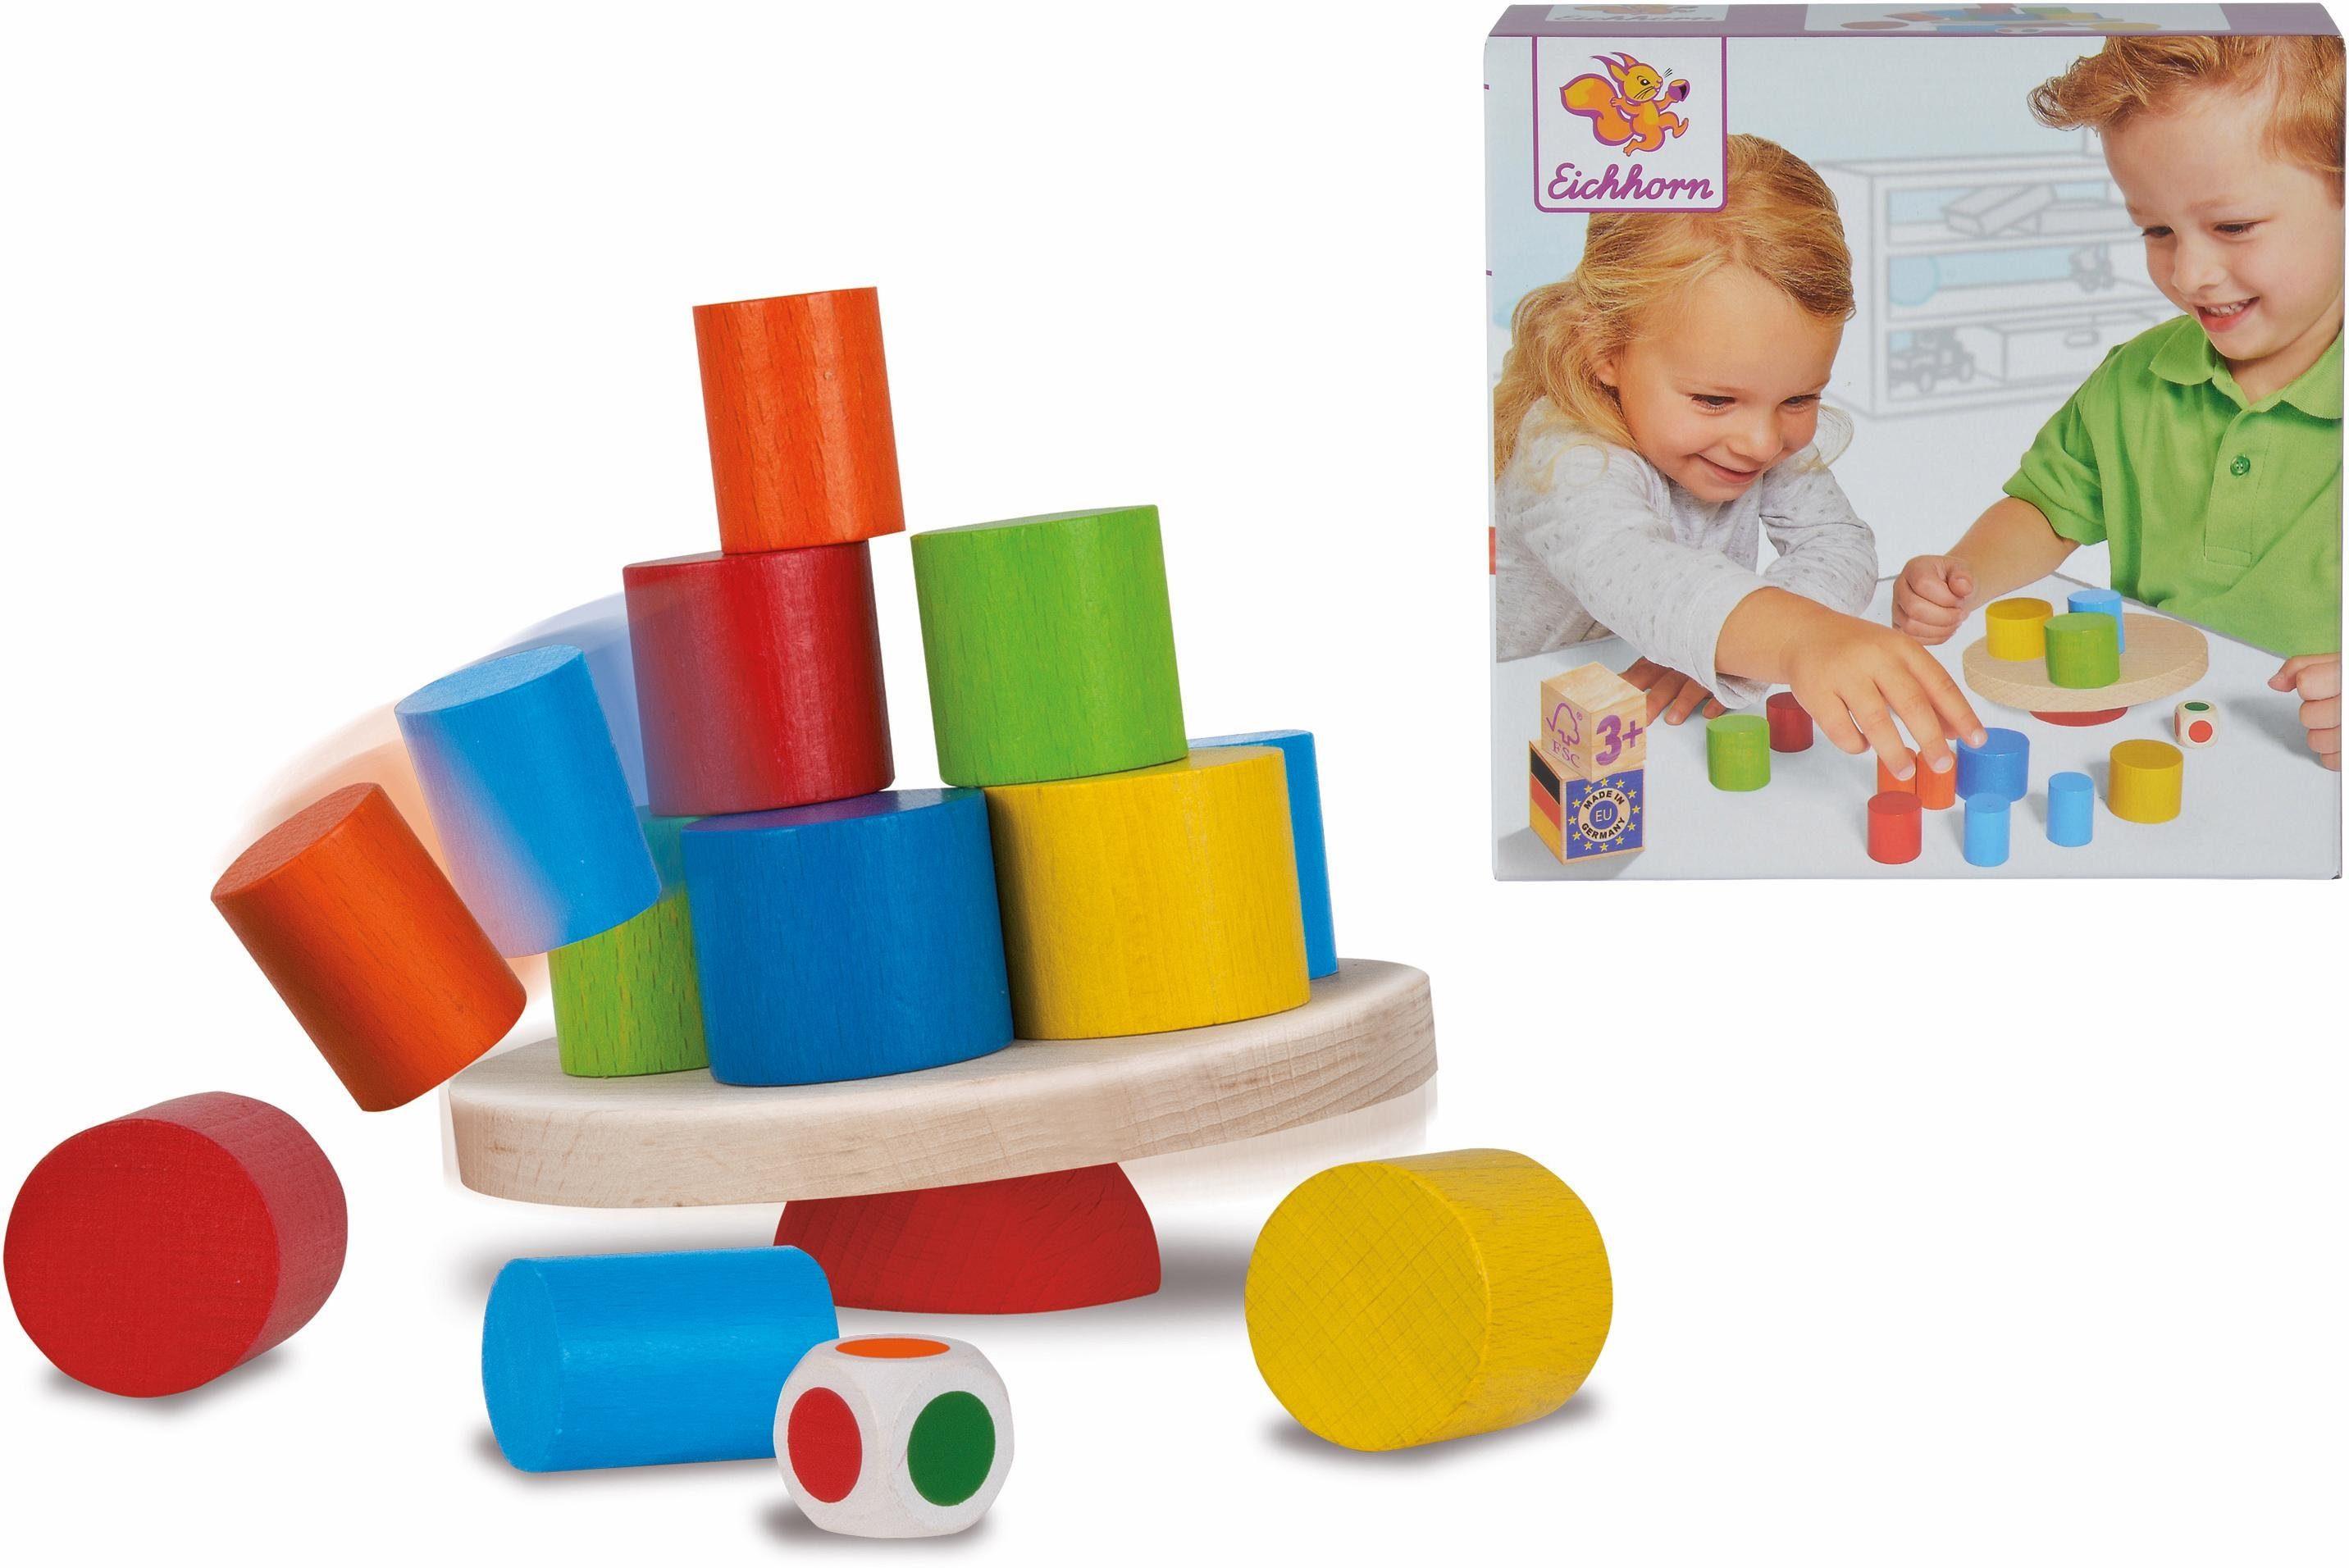 Eichhorn Holzspielzeug, »Stapelspiel«